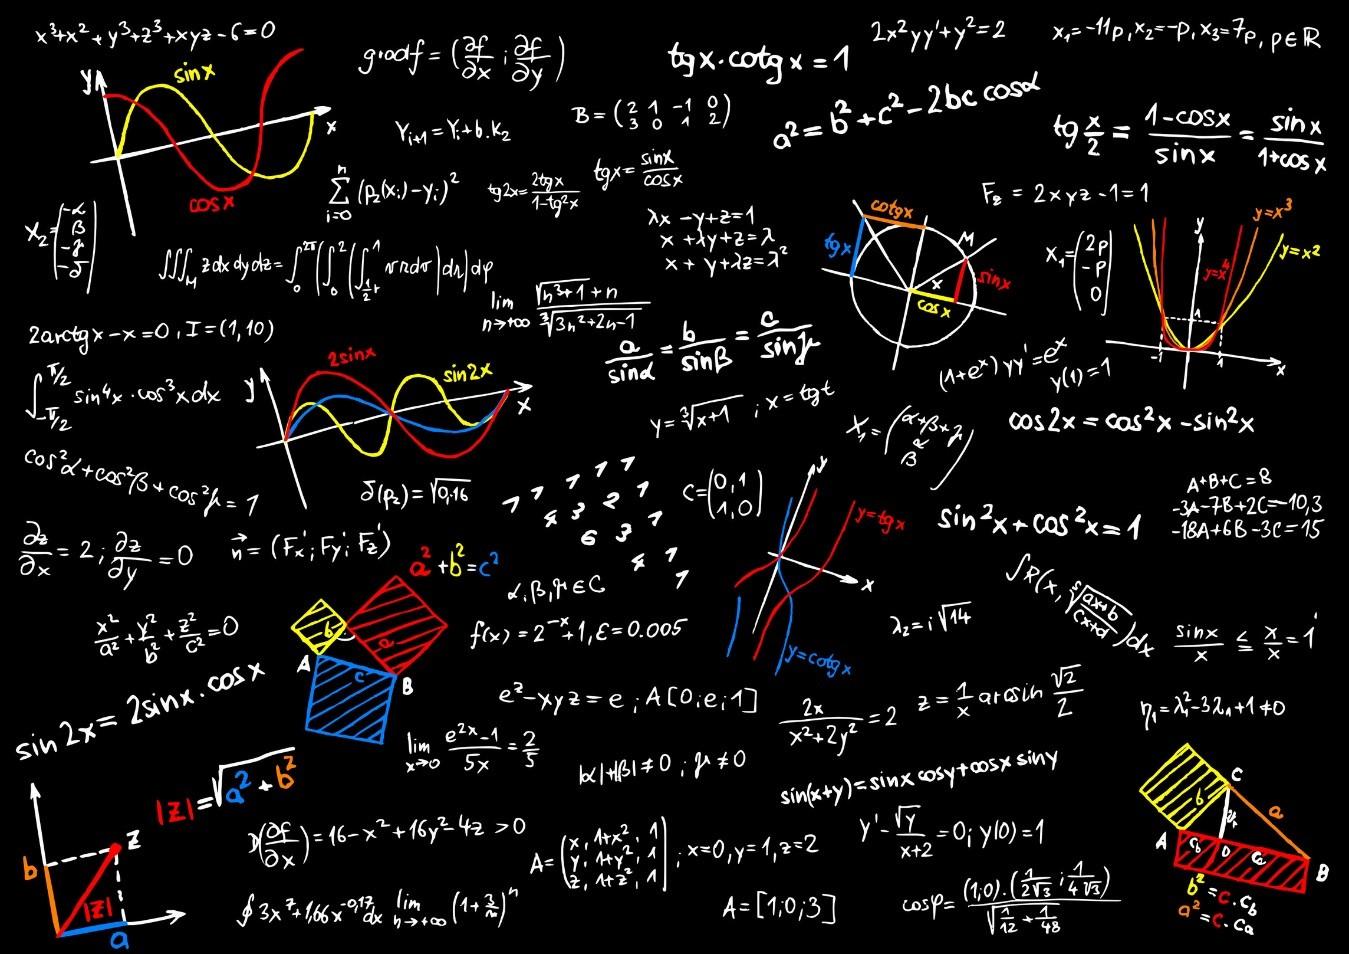 Los modelos matemáticos